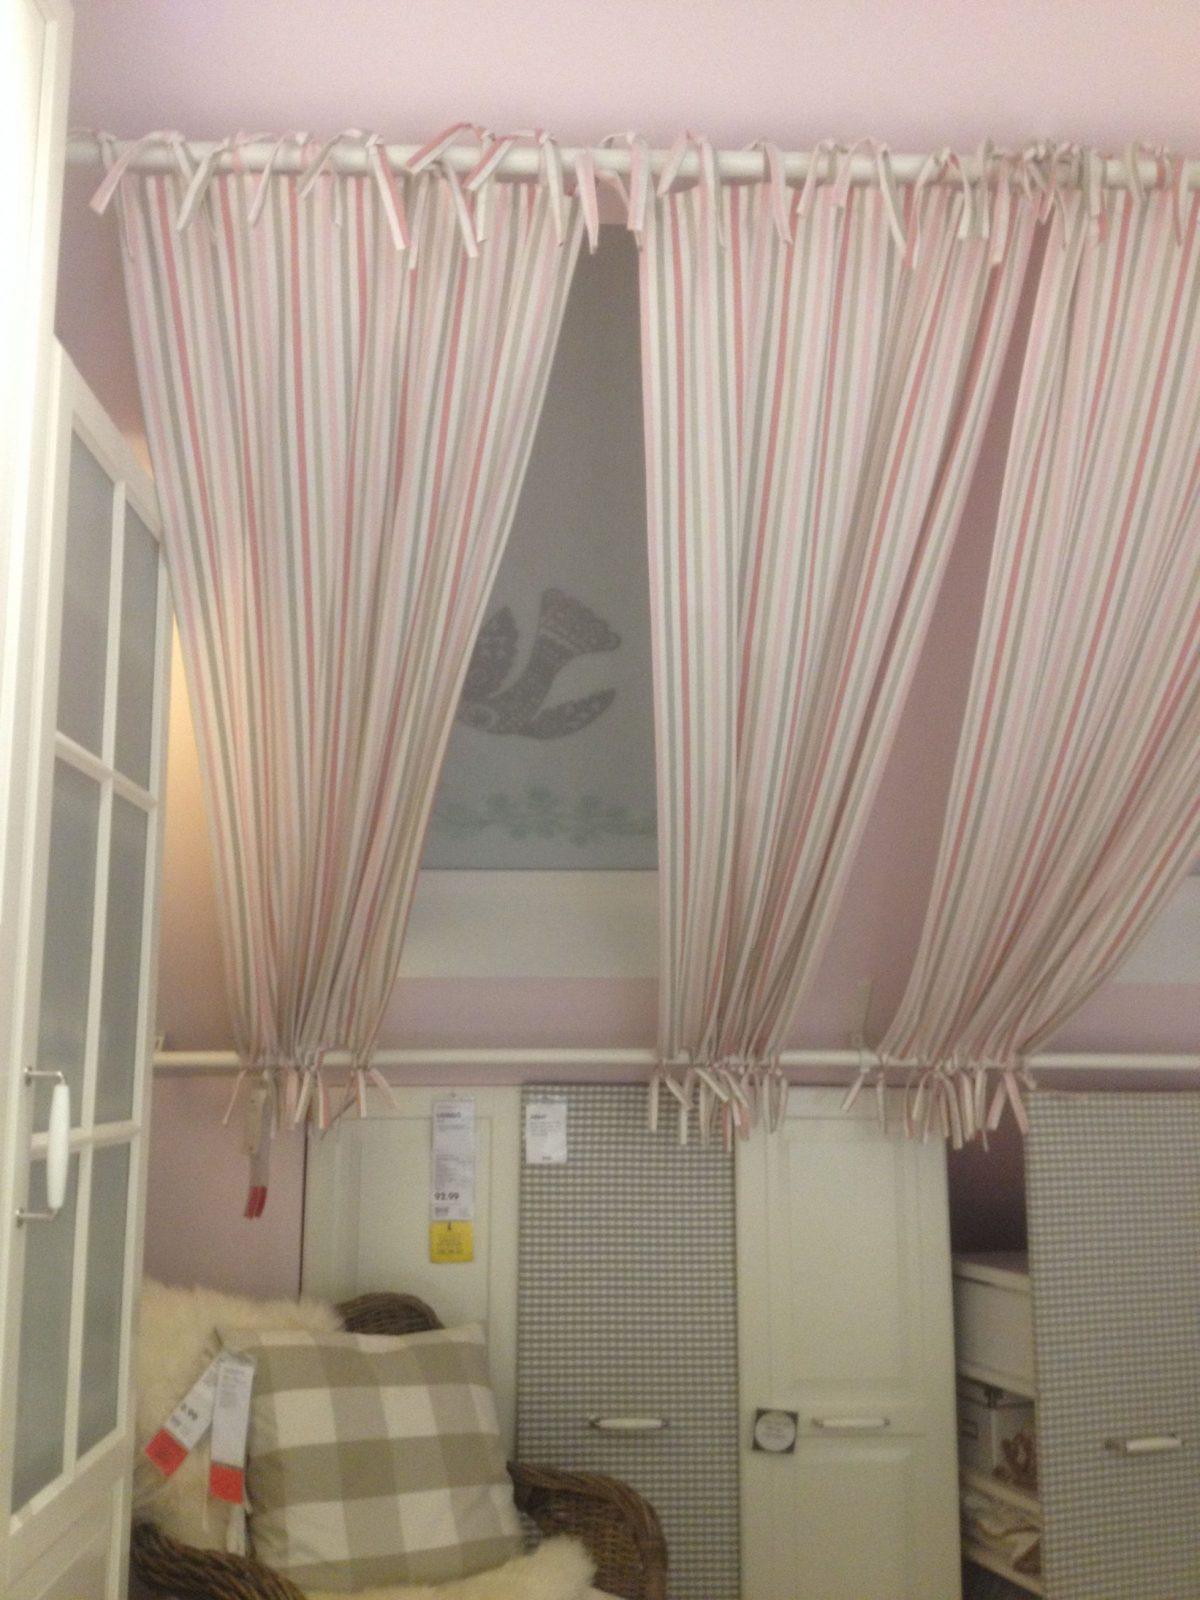 Gardinenaufhängung An Schrägen Fenstern  Шторы  Dachschräge von Gardinen Für Dachfenster Ideen Bild